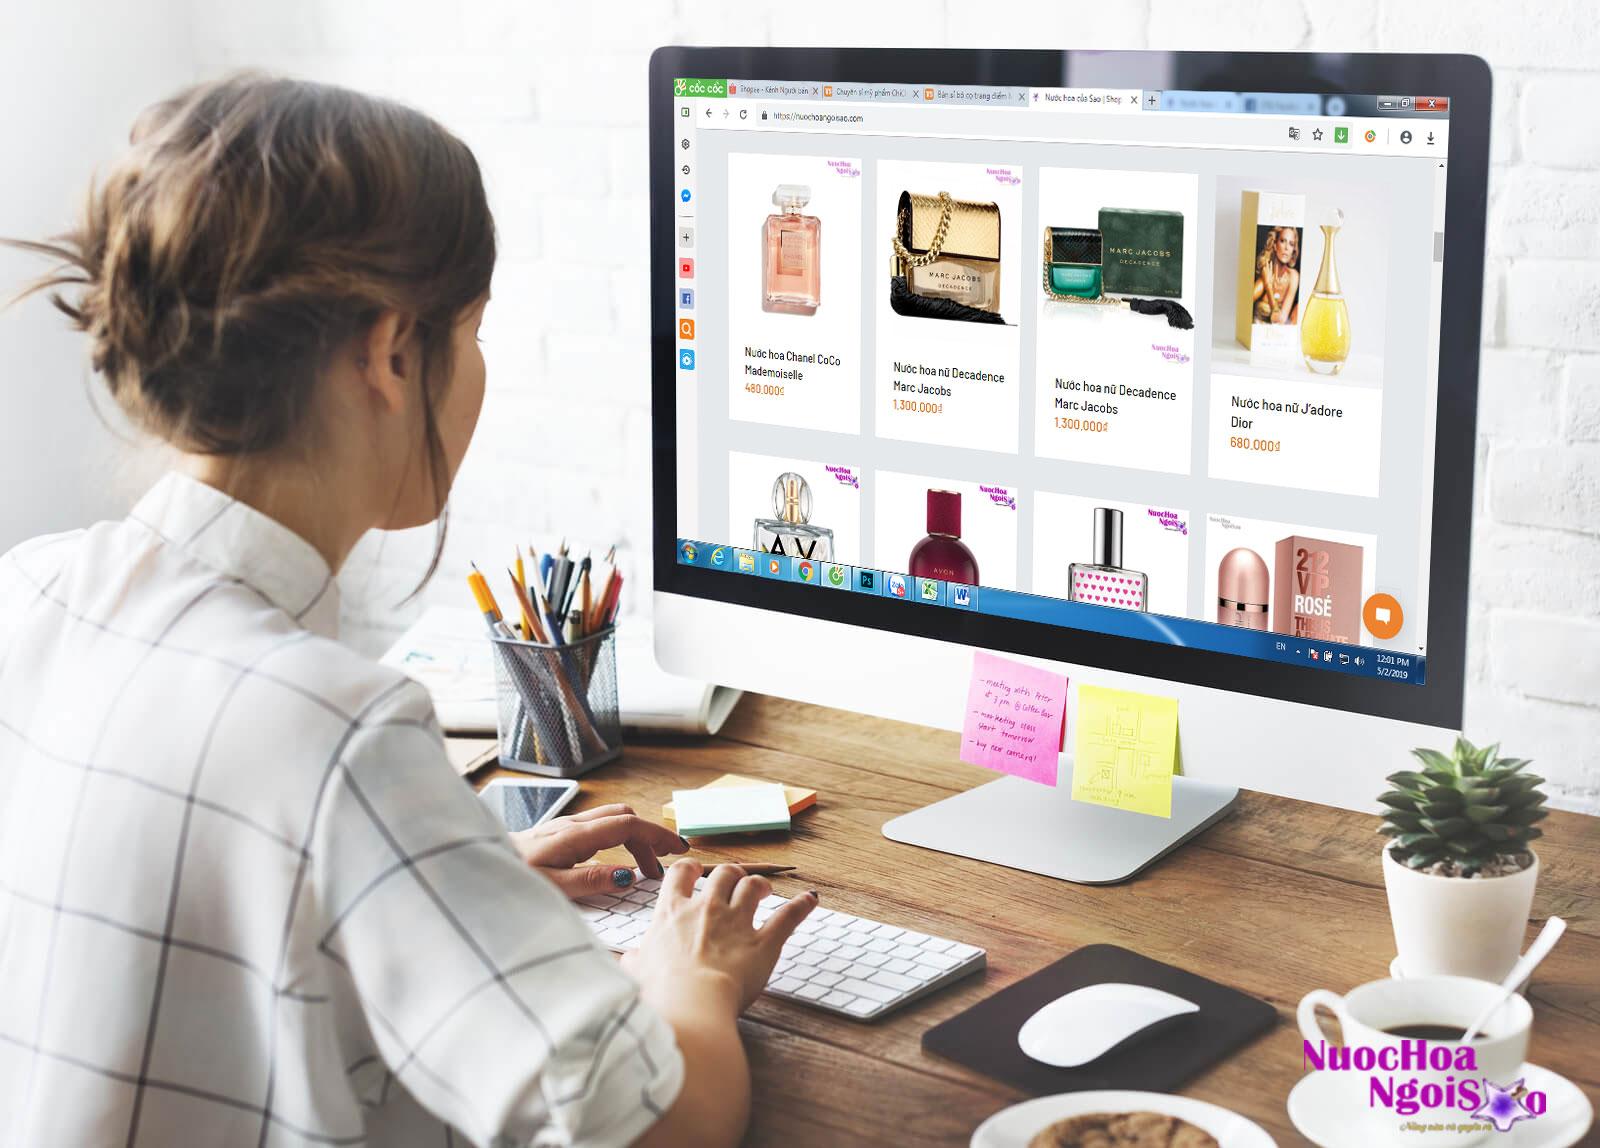 Mua sắm online tại shop nước hoa ngôi sao, giúp quý khách đỡ tốn thời gian.